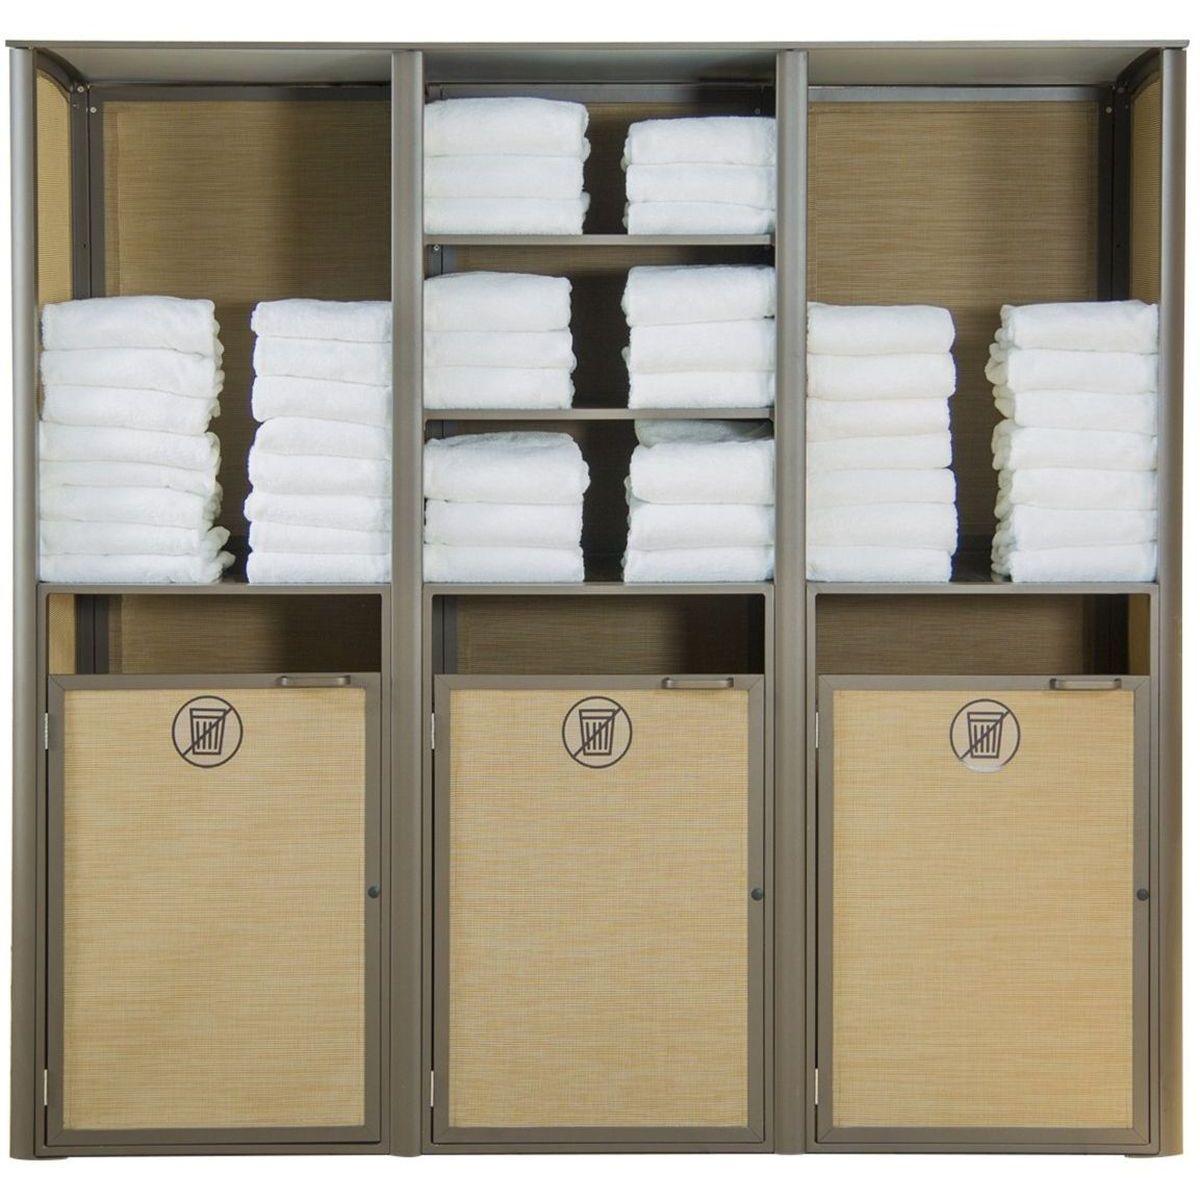 Grosfillex Sunset Towel Valet Triple Unit in Cognac/Fusion Bronze